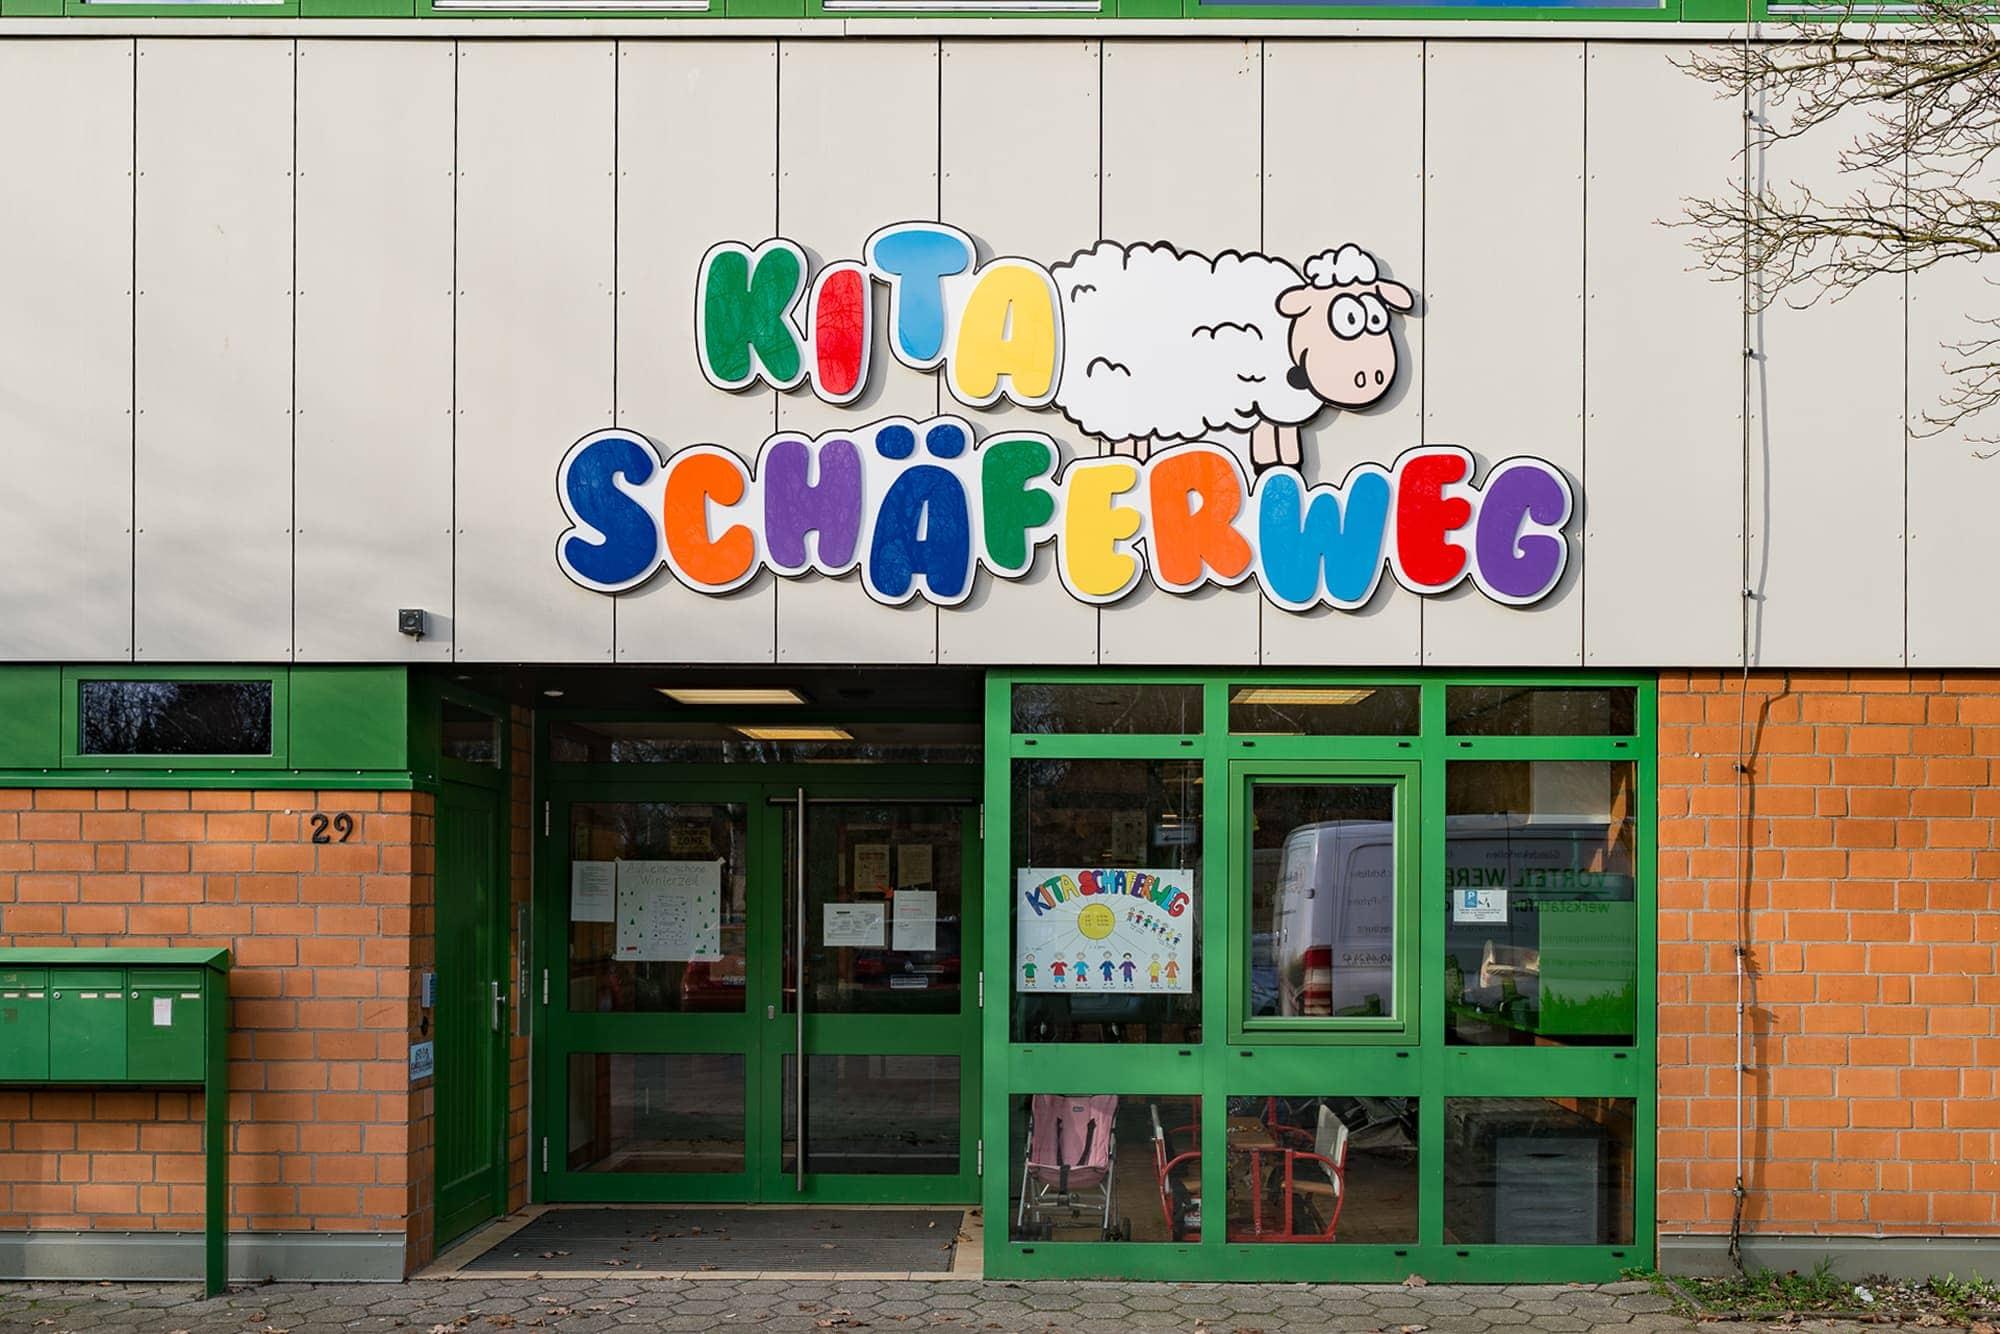 Aussenwerbung für eine Kita in Hamburg. Acrylbuchstaben auf 10mm Forex weiss verklebt. Montage an die Hausfassade.